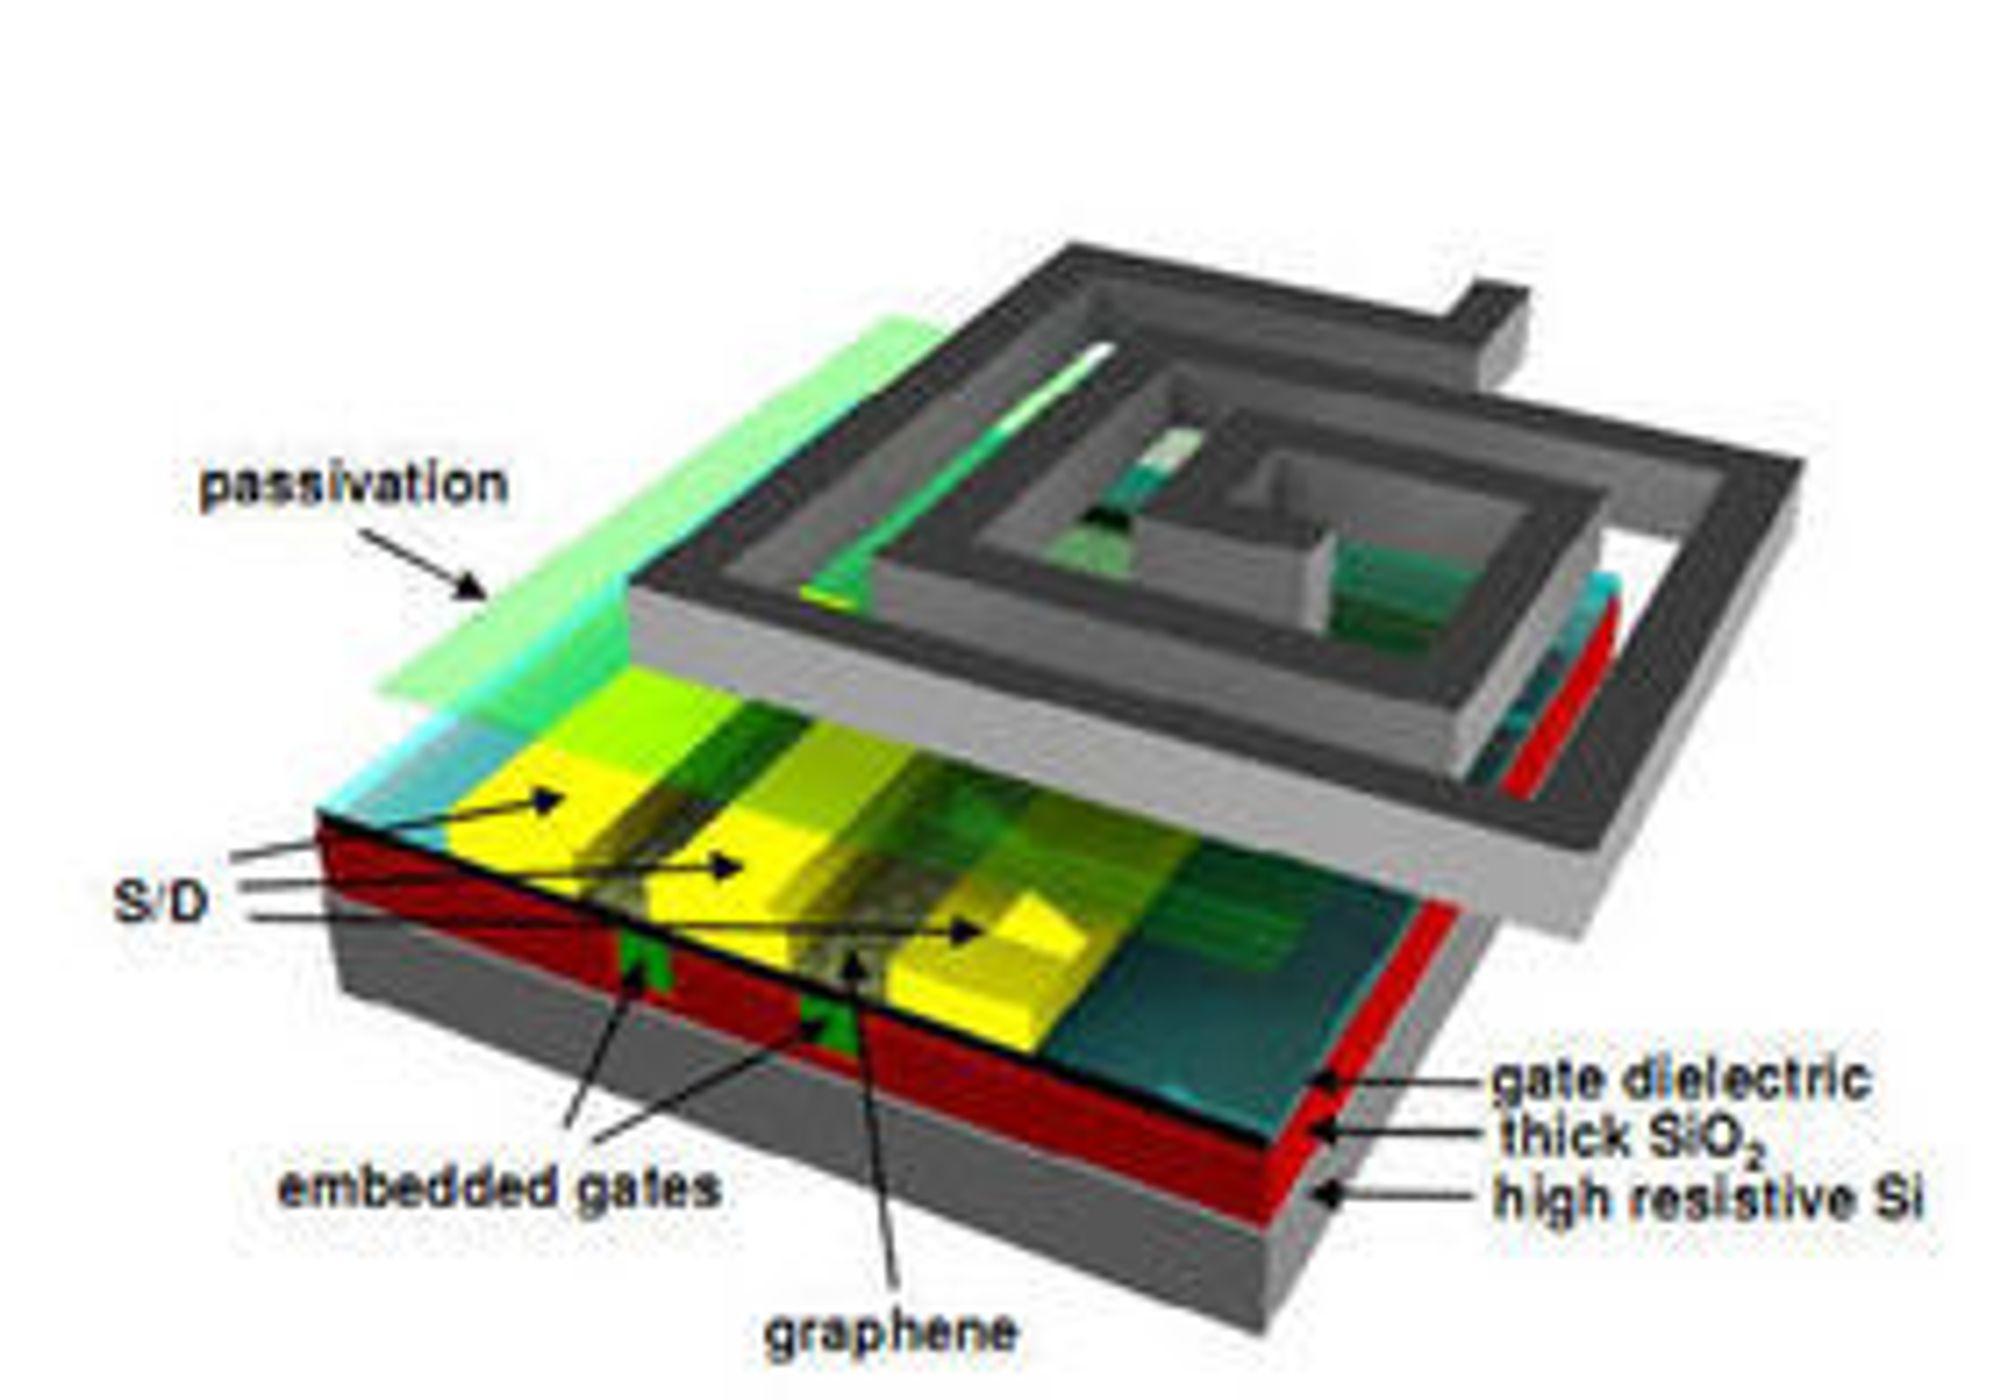 Skjematisk framstilling av IBM-forskernes  frekvensmultiplikator laget som en grafenbasert, integrert krets.